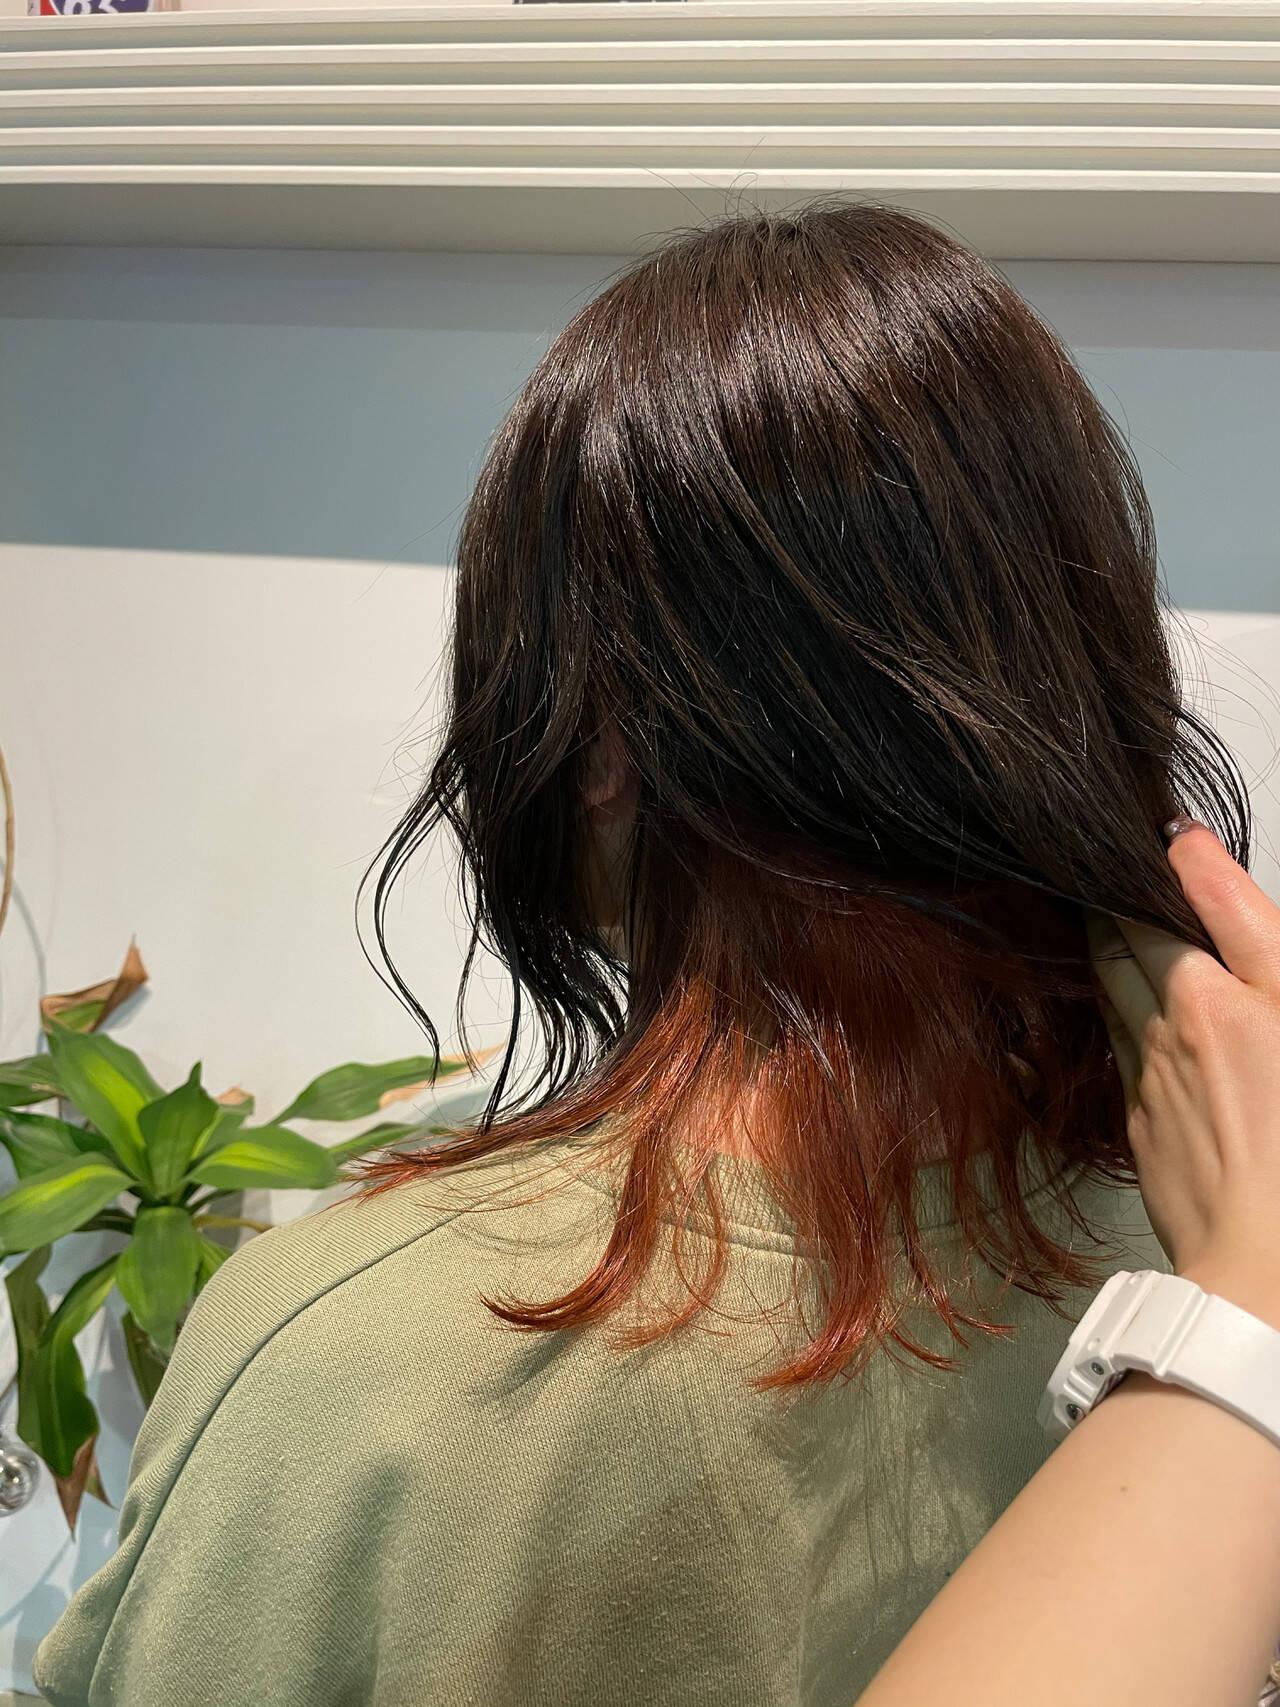 ミディアム インナーカラーオレンジ フェミニン オレンジカラーヘアスタイルや髪型の写真・画像